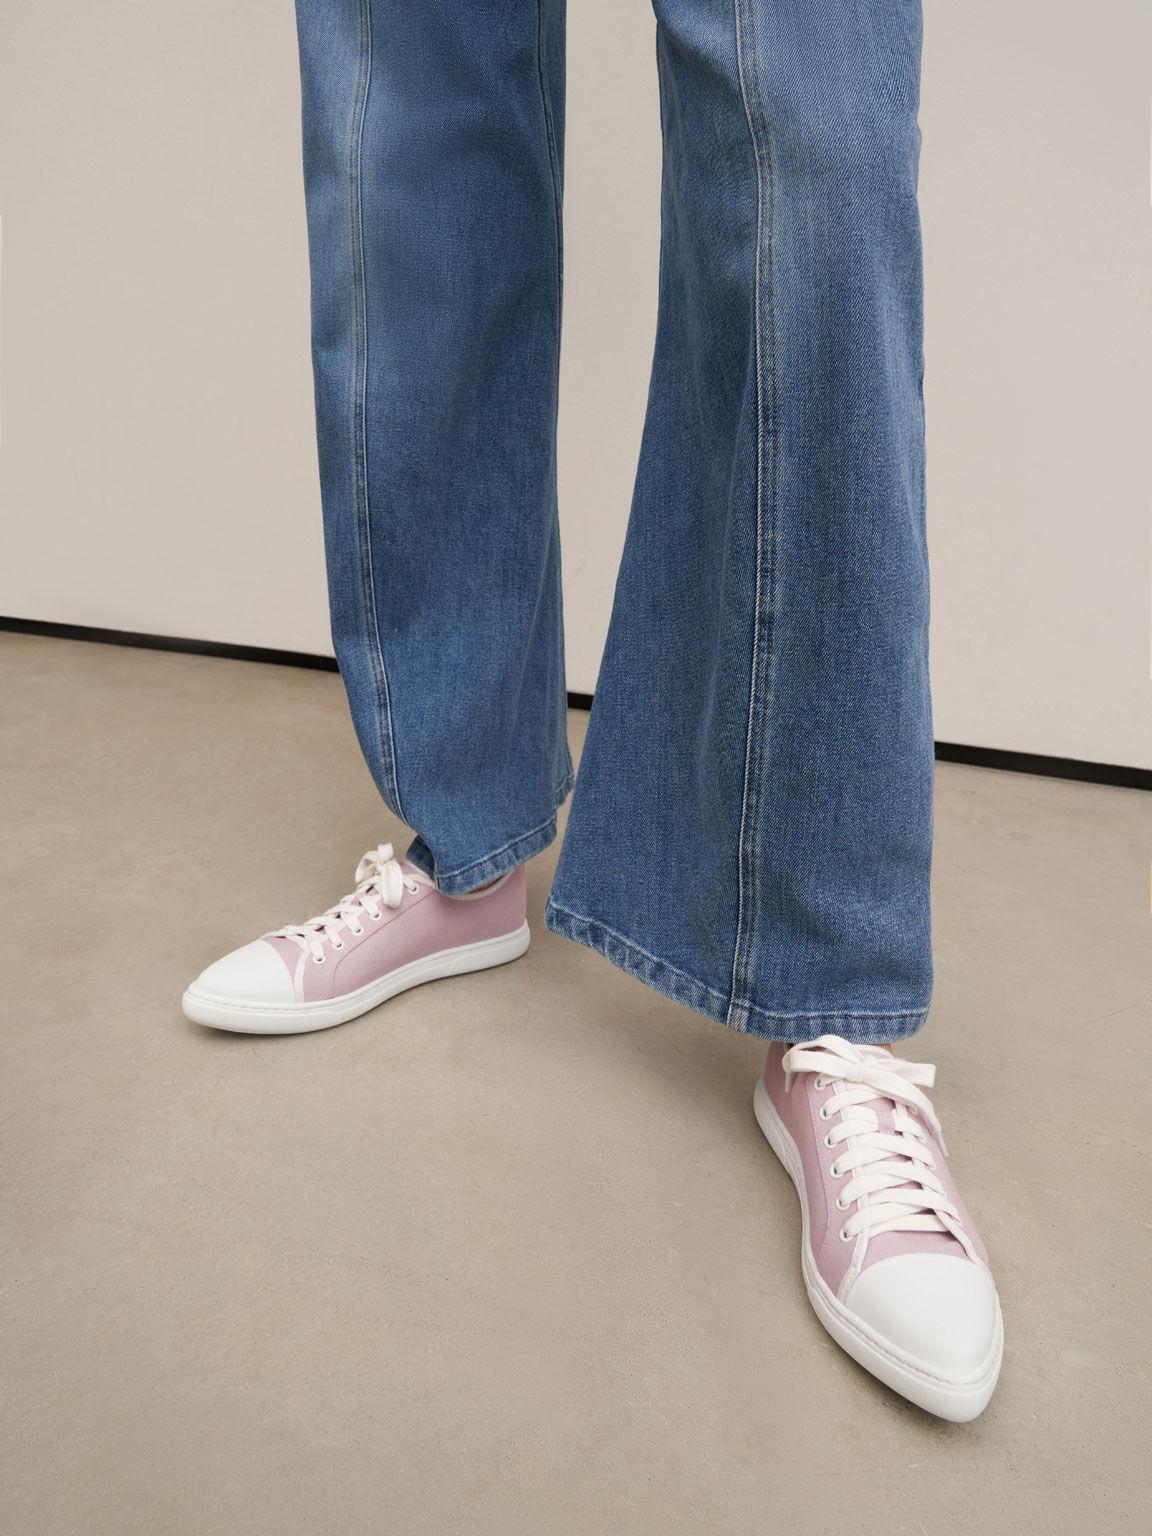 再生棉尖頭休閒鞋, 紫丁香色, hi-res